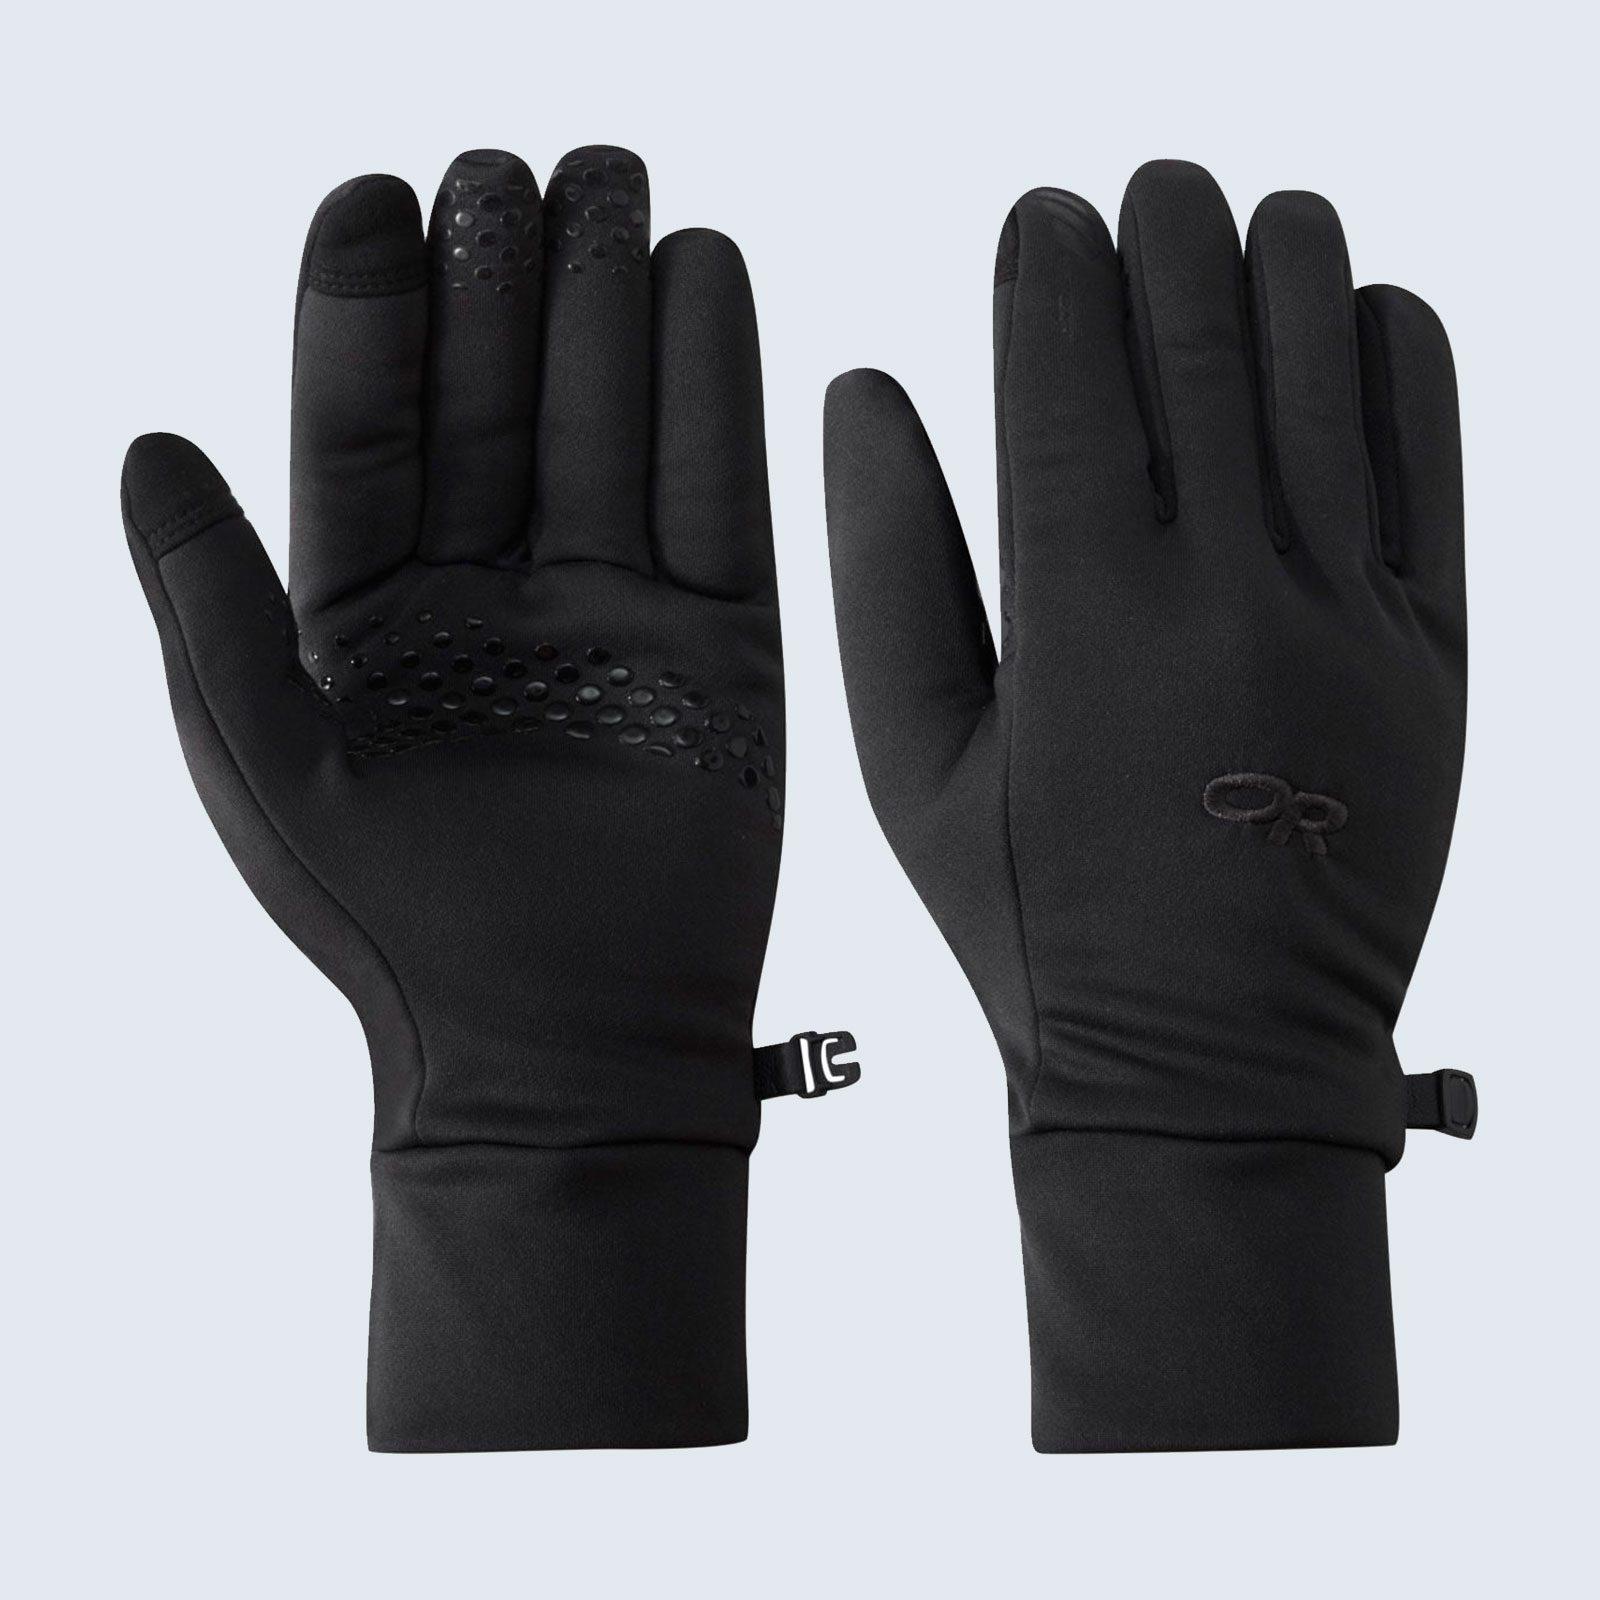 For the outdoorsman: Outdoor Research Vigor Heavyweight Sensor Gloves